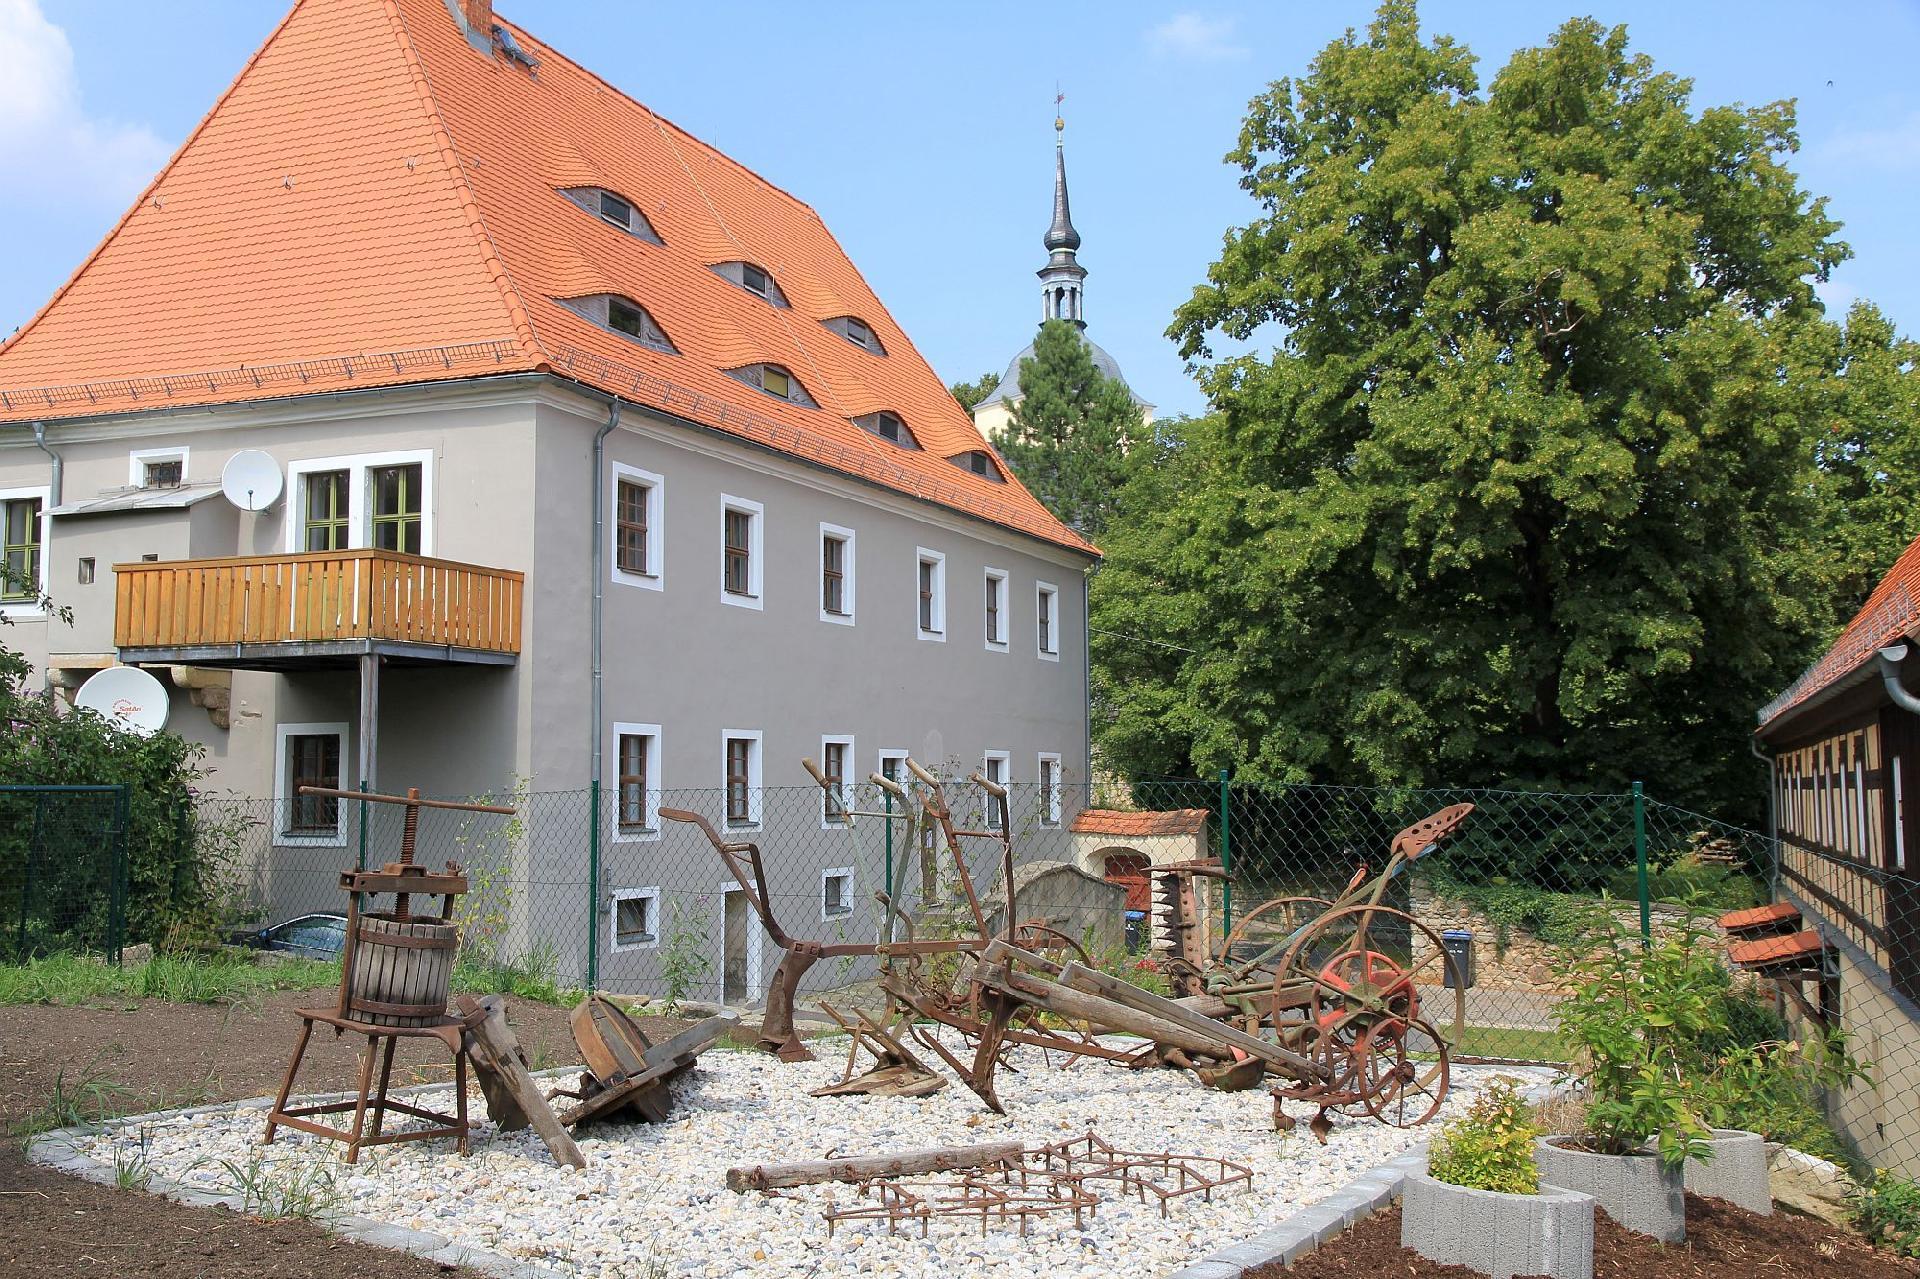 Ferienwohnung für 3 Personen ca. 54 m² i  in Sachsen